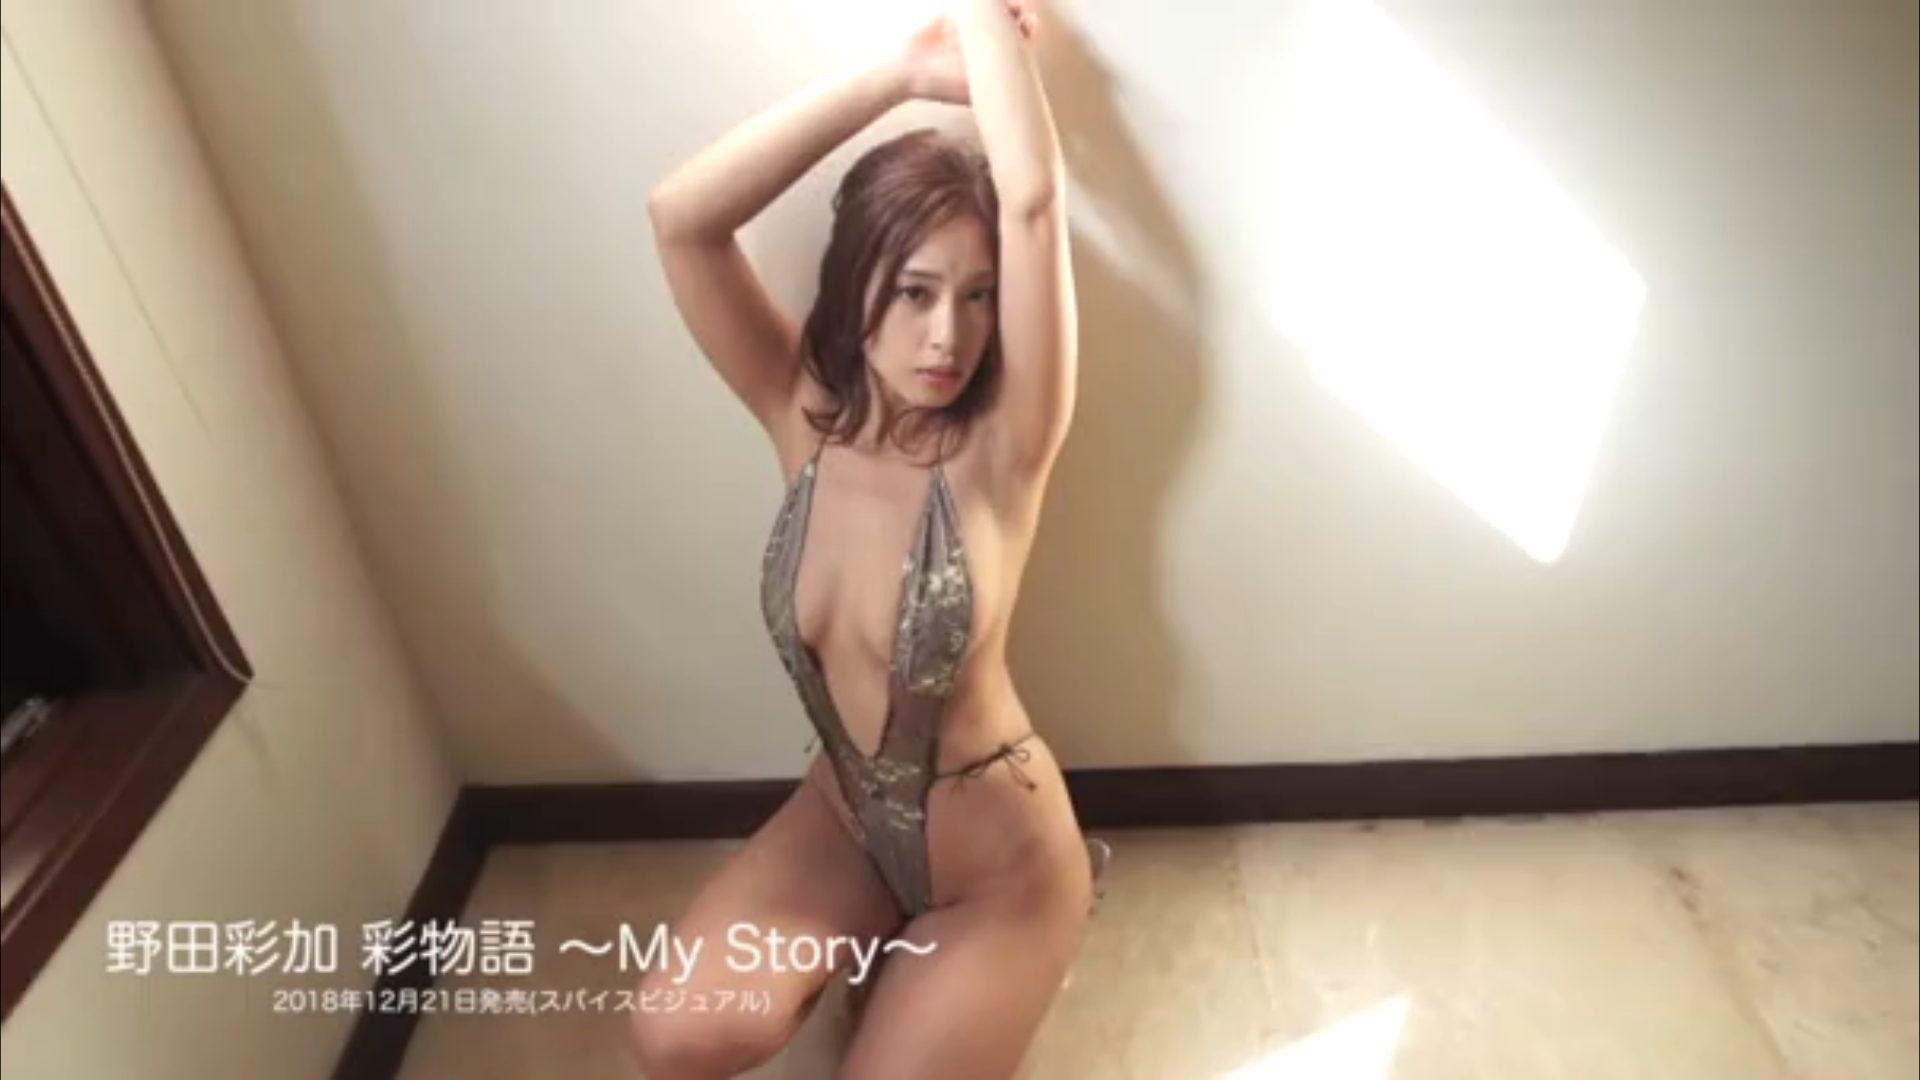 【野田彩加】Fカップ6 「彩物語 ~My Story~」サンプル動画